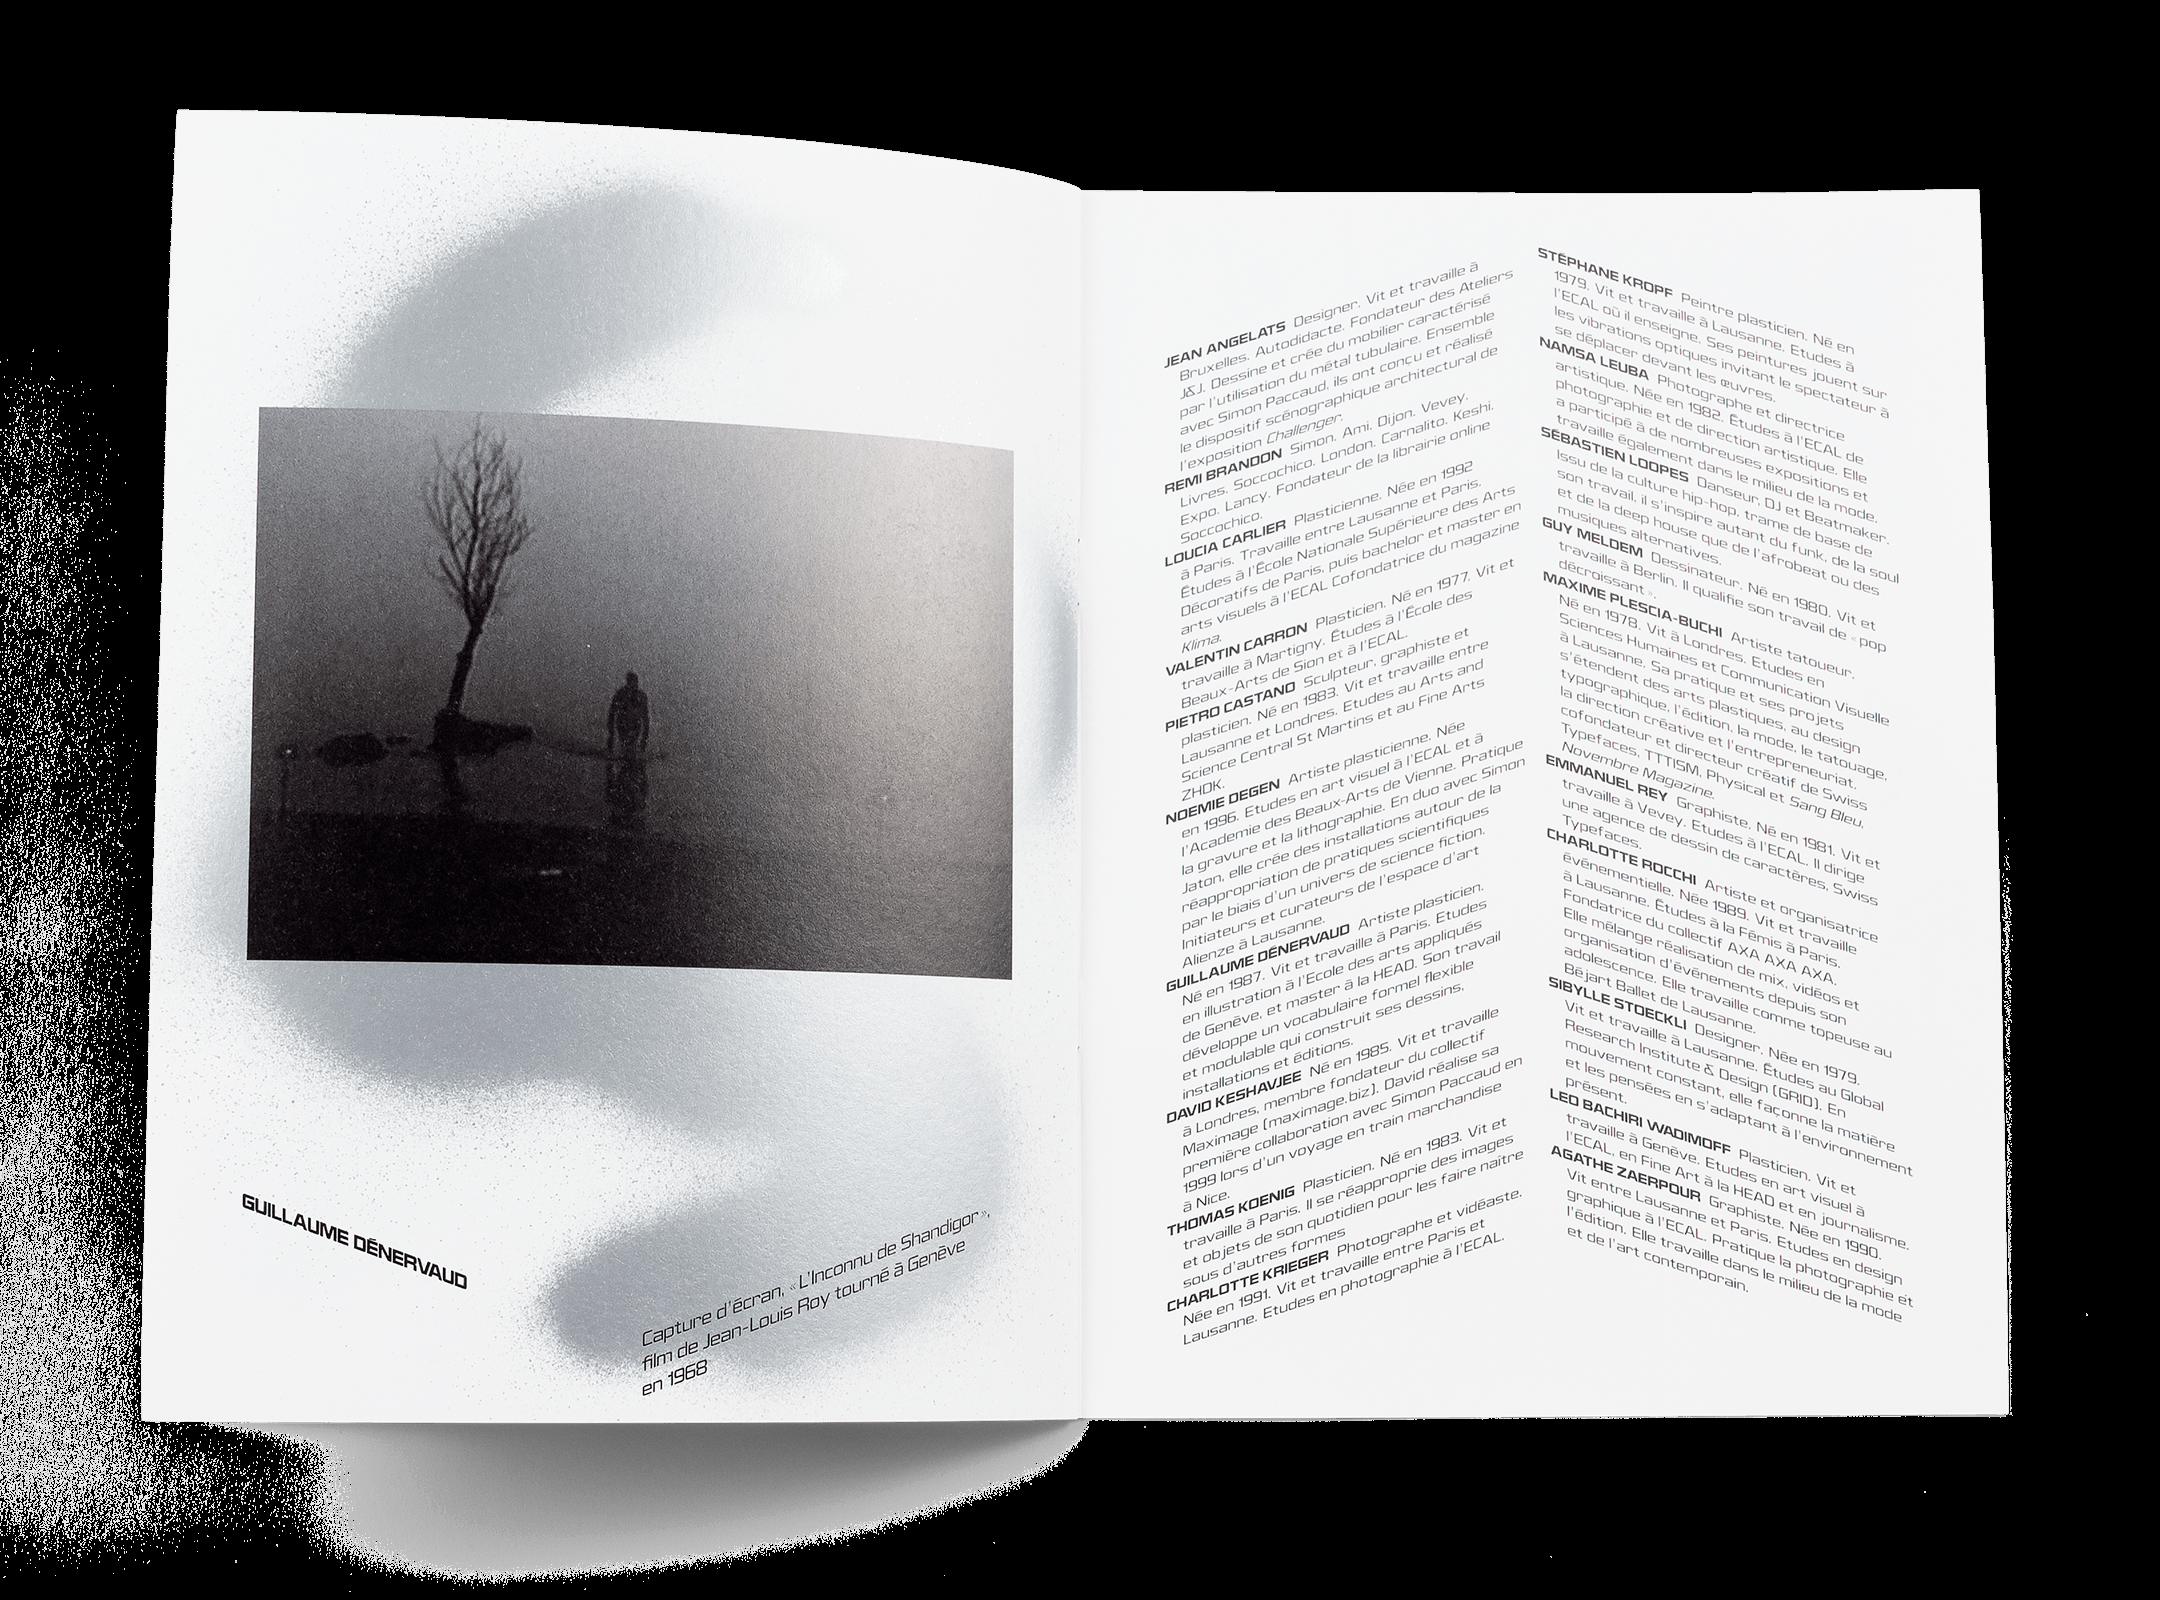 Œuvre de Guillaume Dénervaud dans la brochure de l'exposition de Simon Paccaud à la Ferme de la Chapelle